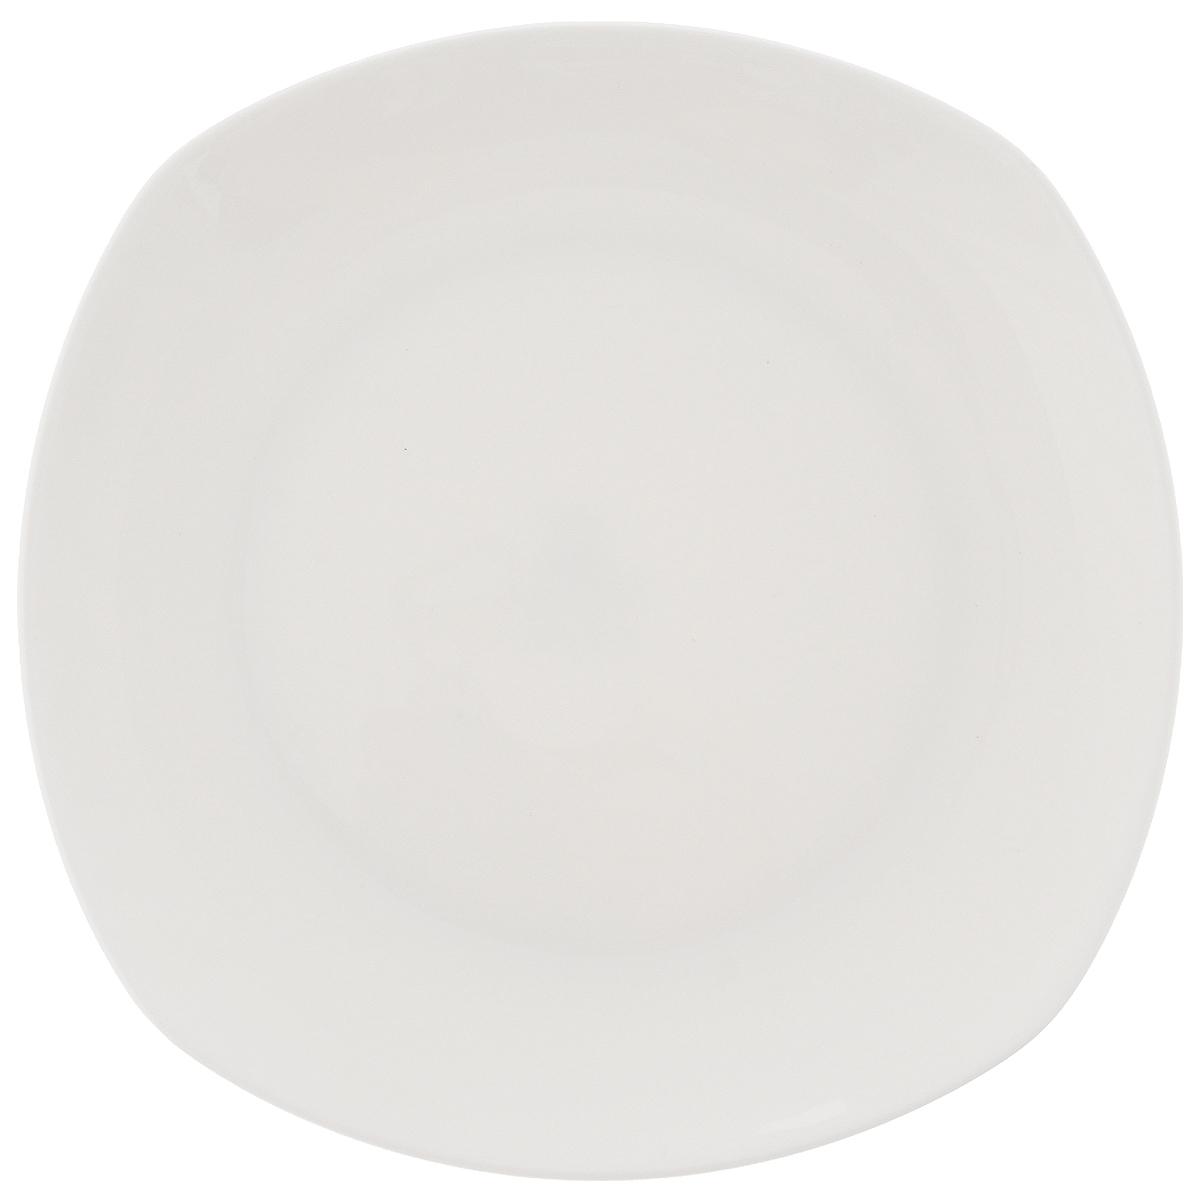 Тарелка Wilmax, 16,5 х 16,5 смWL-991000 / AТарелка Wilmax, изготовленная из высококачественного фарфора, имеет оригинальную форму. Она прекрасно впишется в интерьер вашей кухни и станет достойным дополнением к кухонному инвентарю. Тарелка Wilmax подчеркнет прекрасный вкус хозяйки и станет отличным подарком. Можно мыть в посудомоечной машине и использовать в микроволновой печи. Размер тарелки (по верхнему краю): 16,5 х 16,5 см.